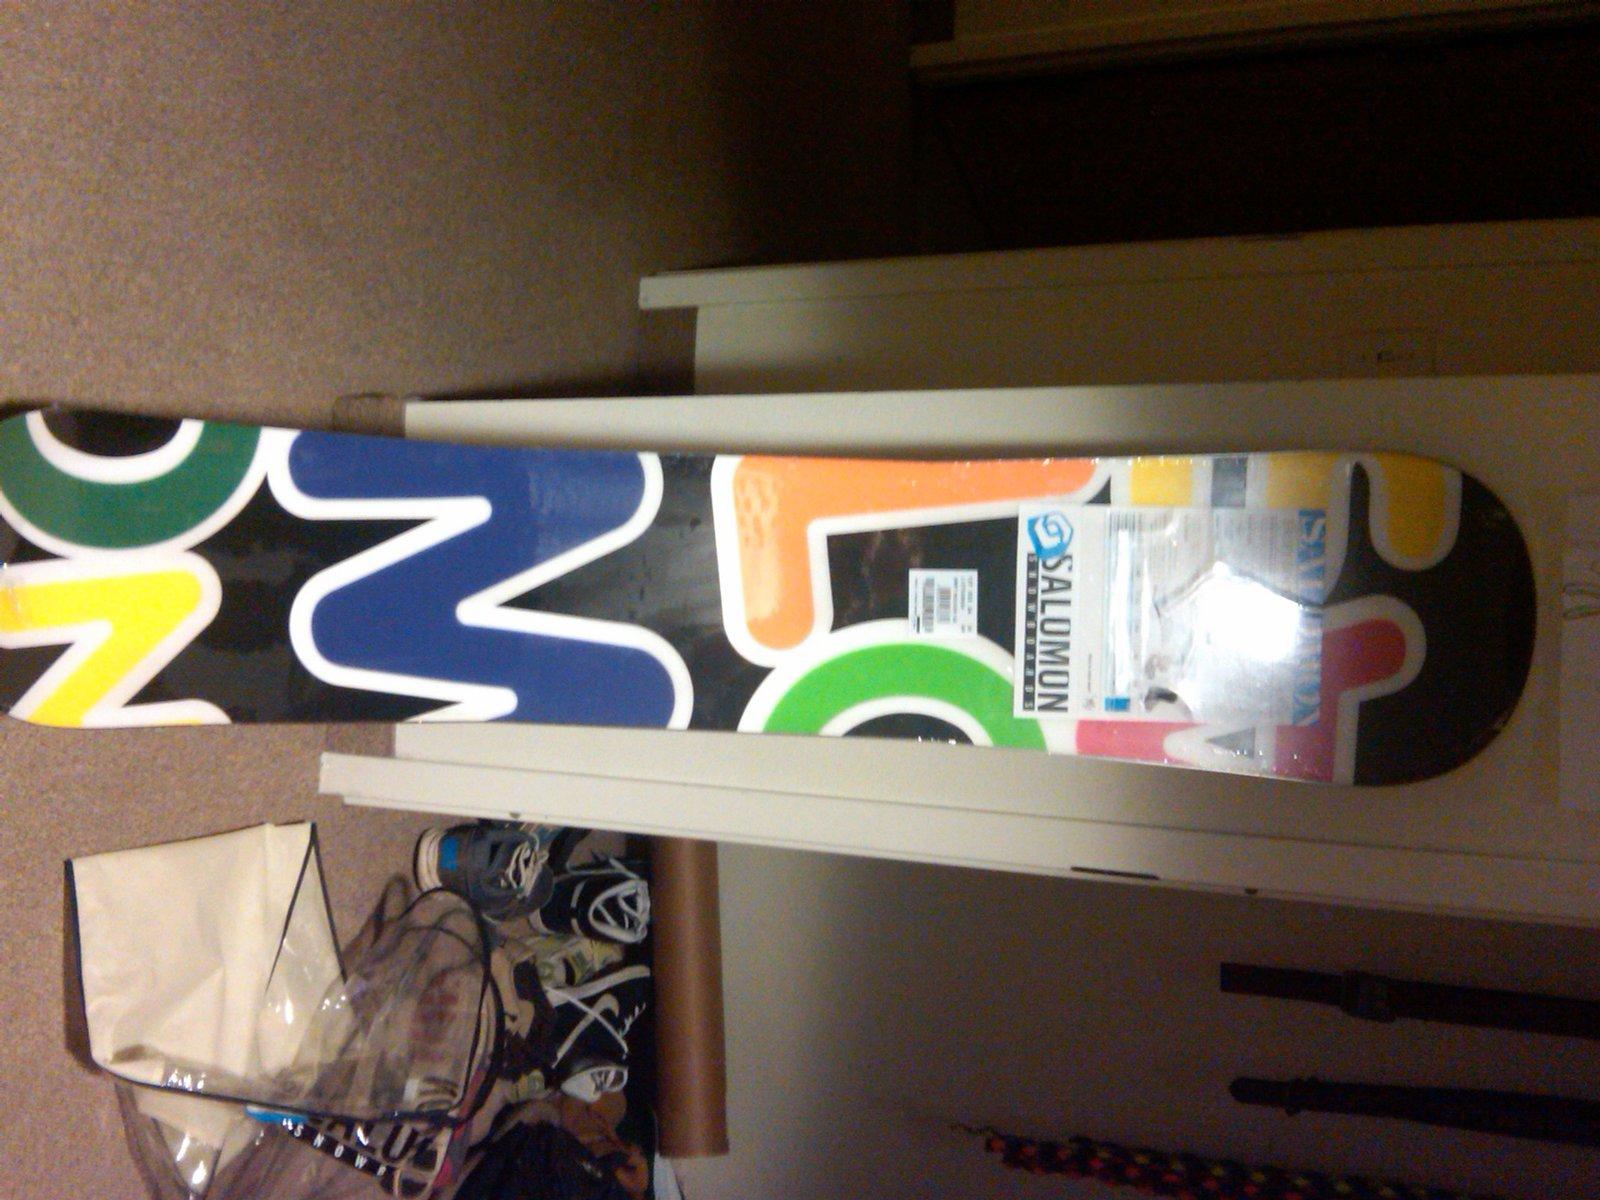 Salomon drift rocker 152 for sale